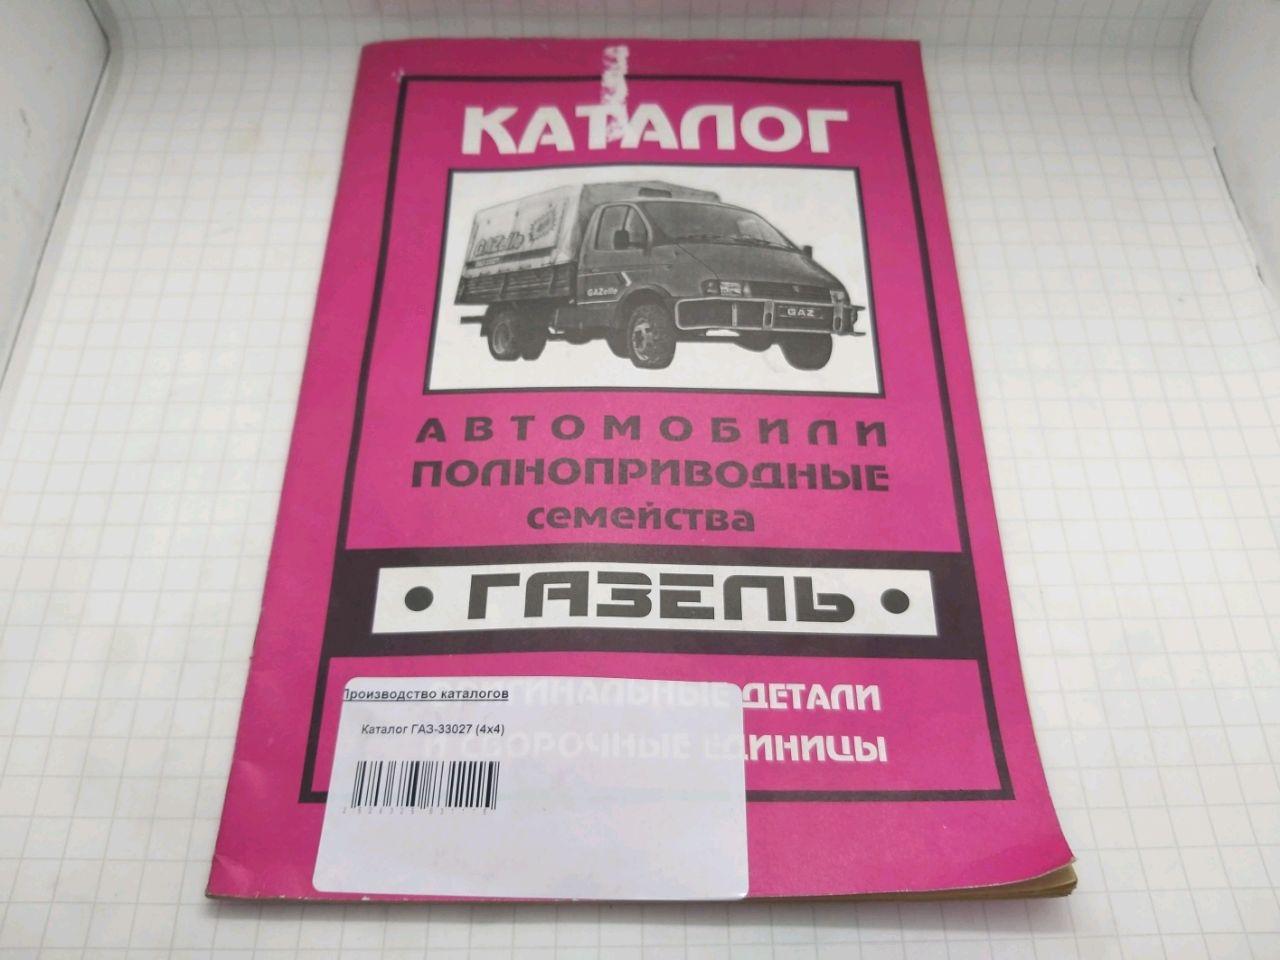 Catalog GAZ-3302